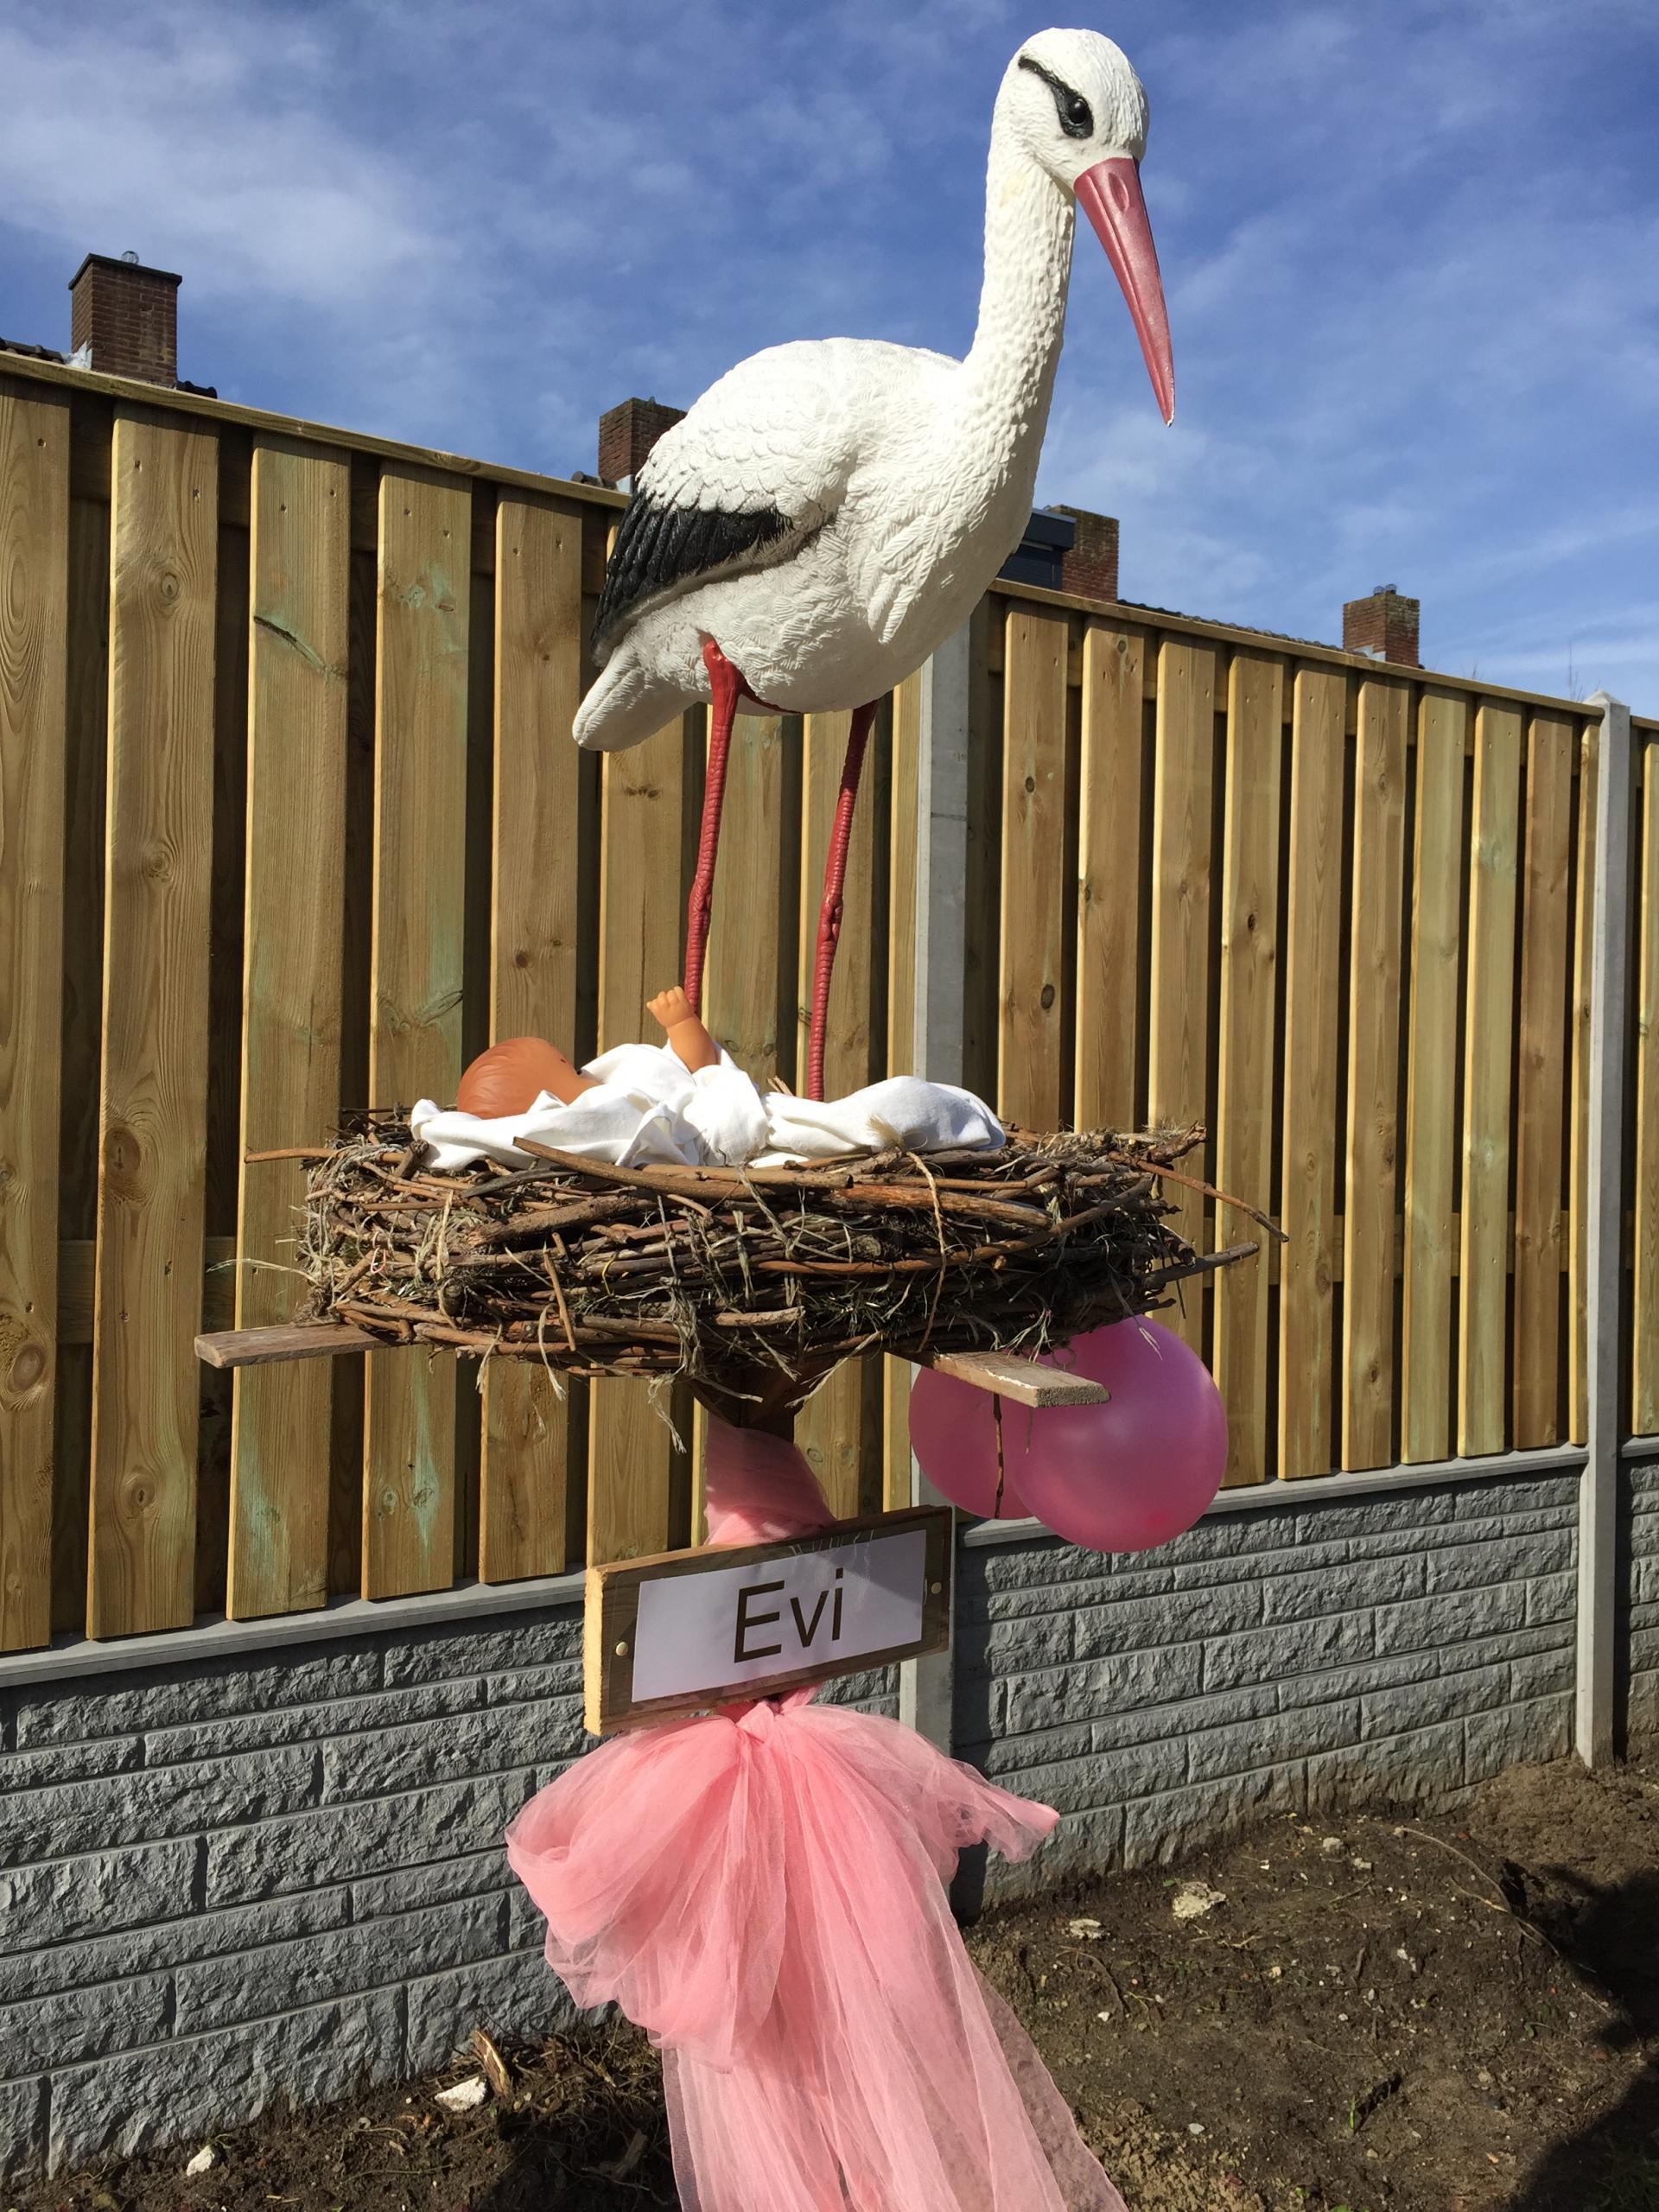 #18 1 R Ooievaar op nest, liggende baby, tule strik, 2 ballonnen